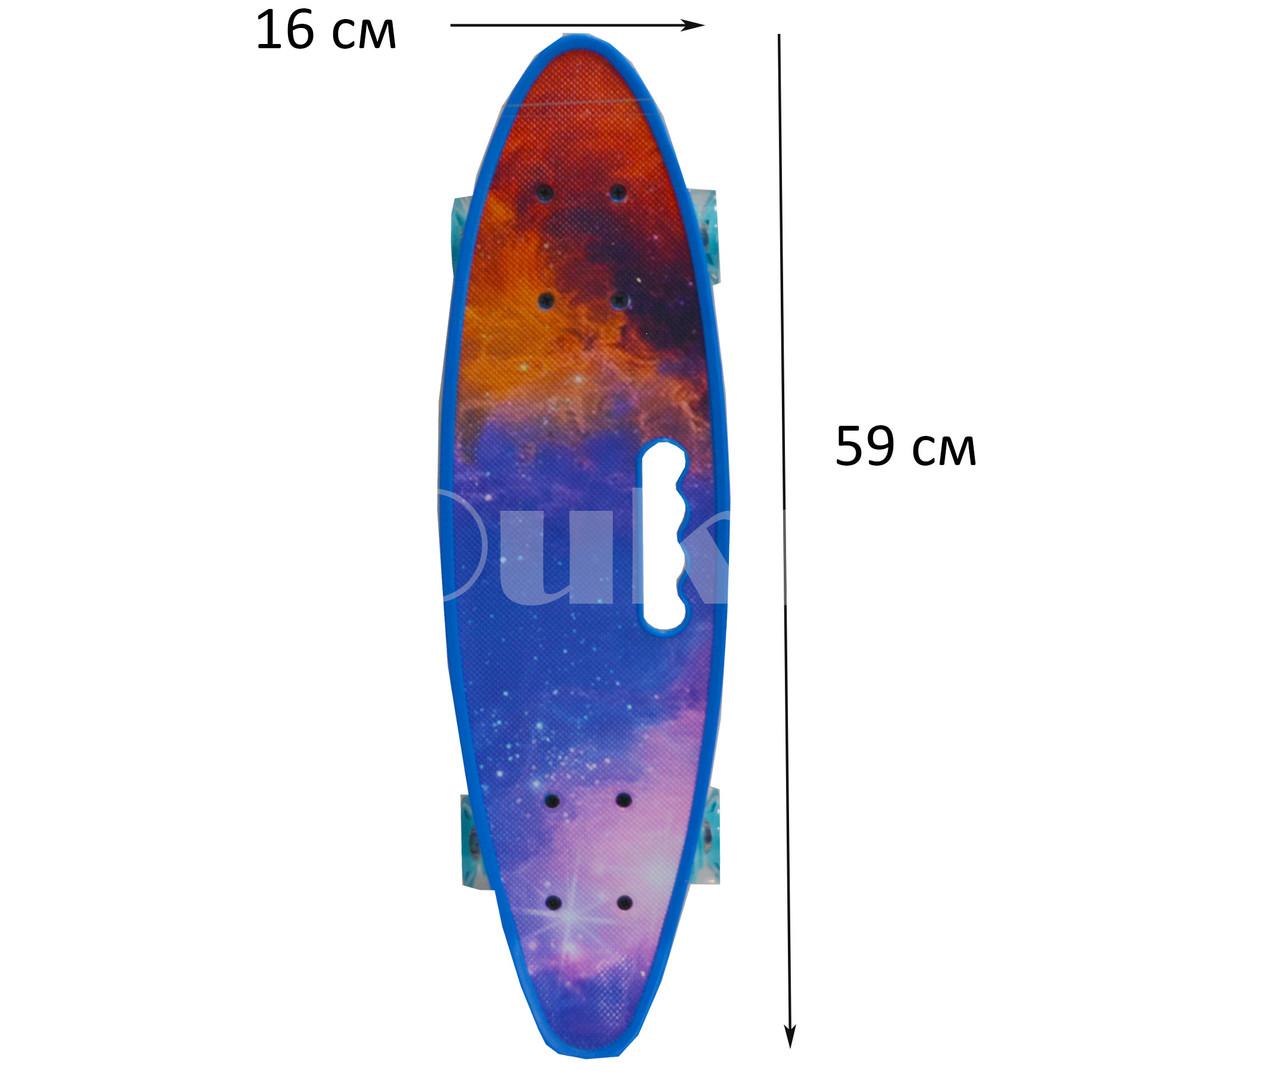 Лонгборд подростковый 59*16 Penny Board с ручкой и со светящимися колесами (пенни борд) Космос - фото 2